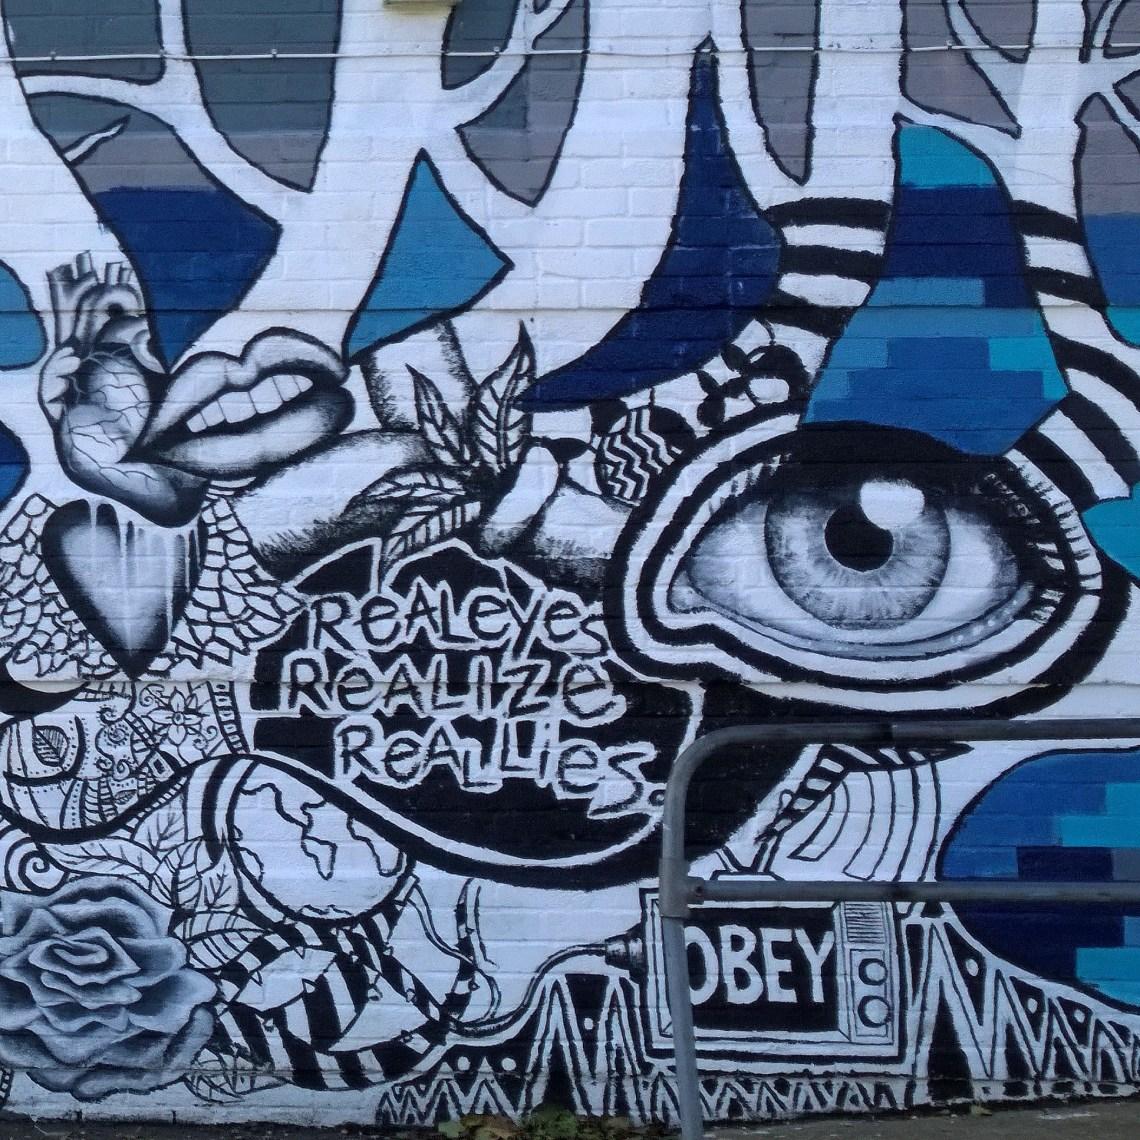 Art by Weardoe on the wall of a nearby building